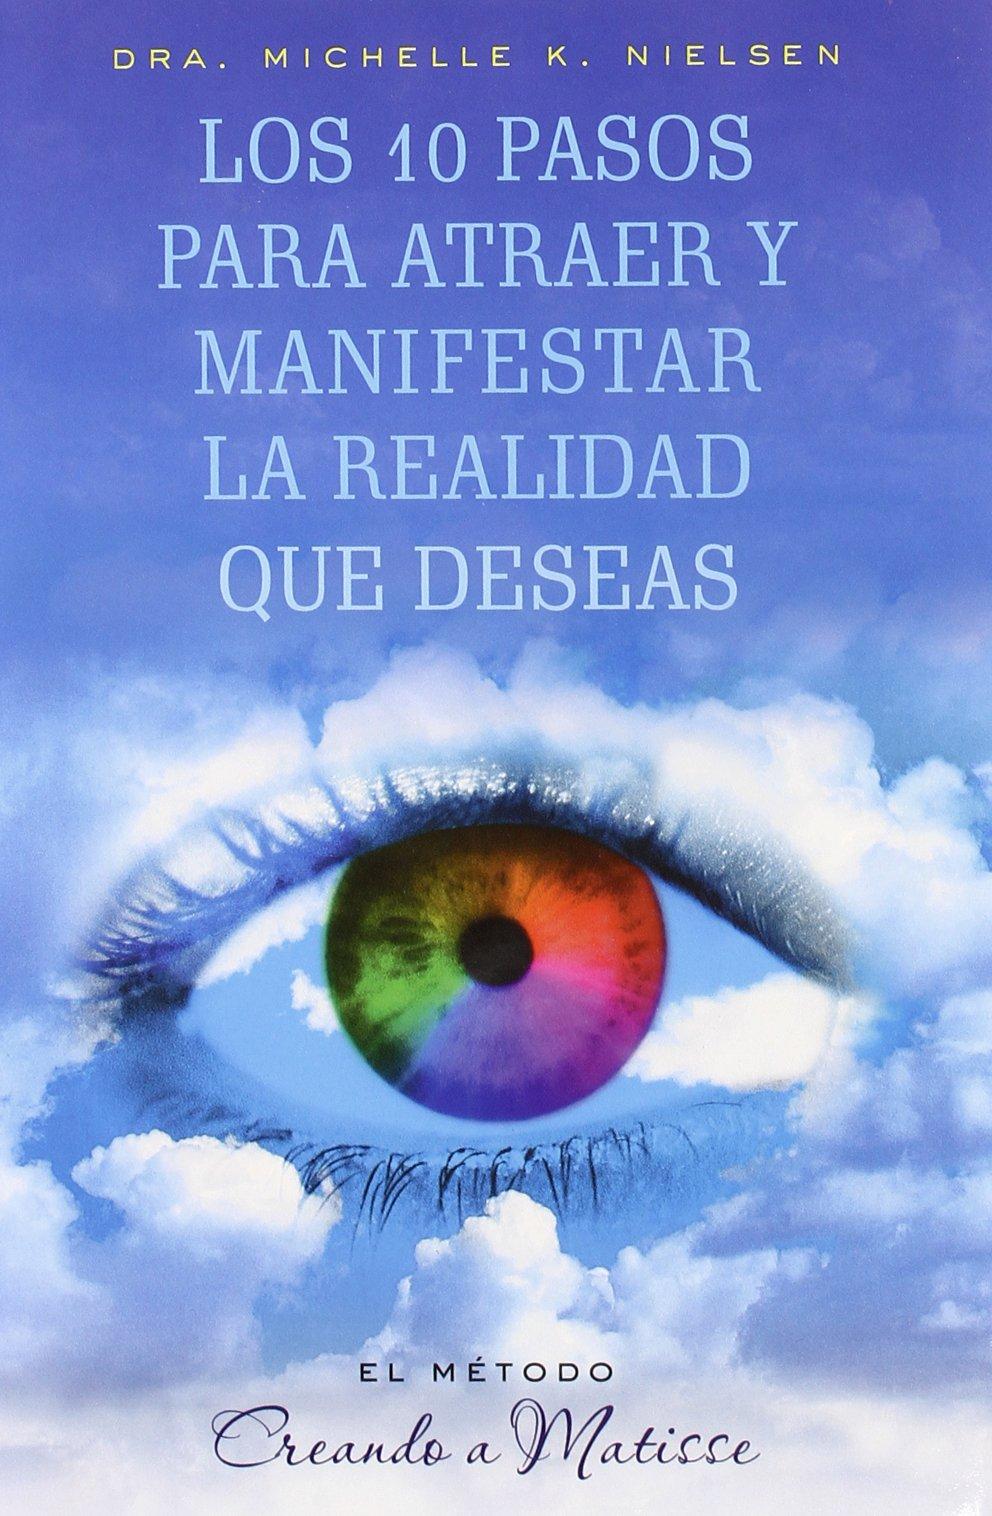 10 Pasos para atraer y manifestar la realidad NUEVA CONSCIENCIA: Amazon.es: MICHELLE NIELSEN: Libros